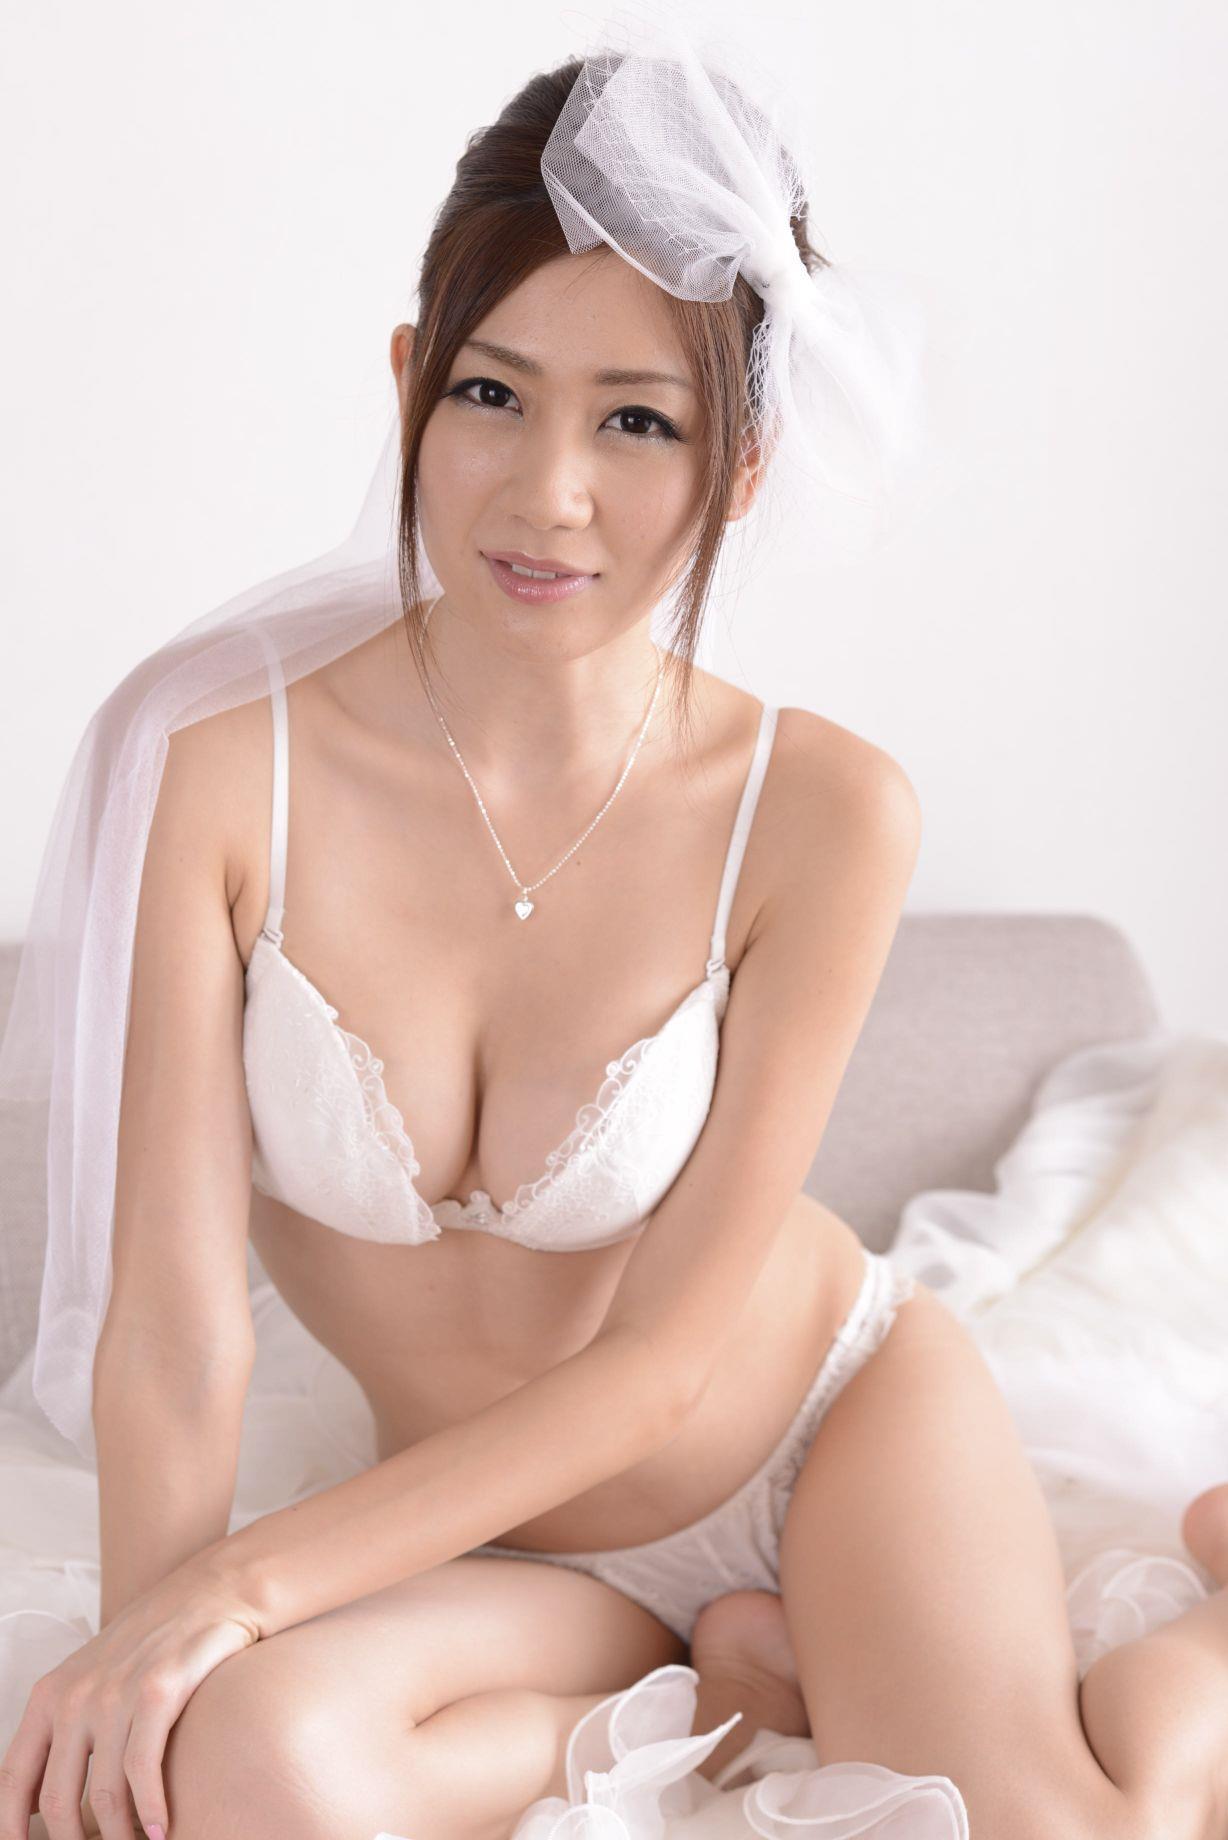 前田かおり ウェディングドレス画像 71